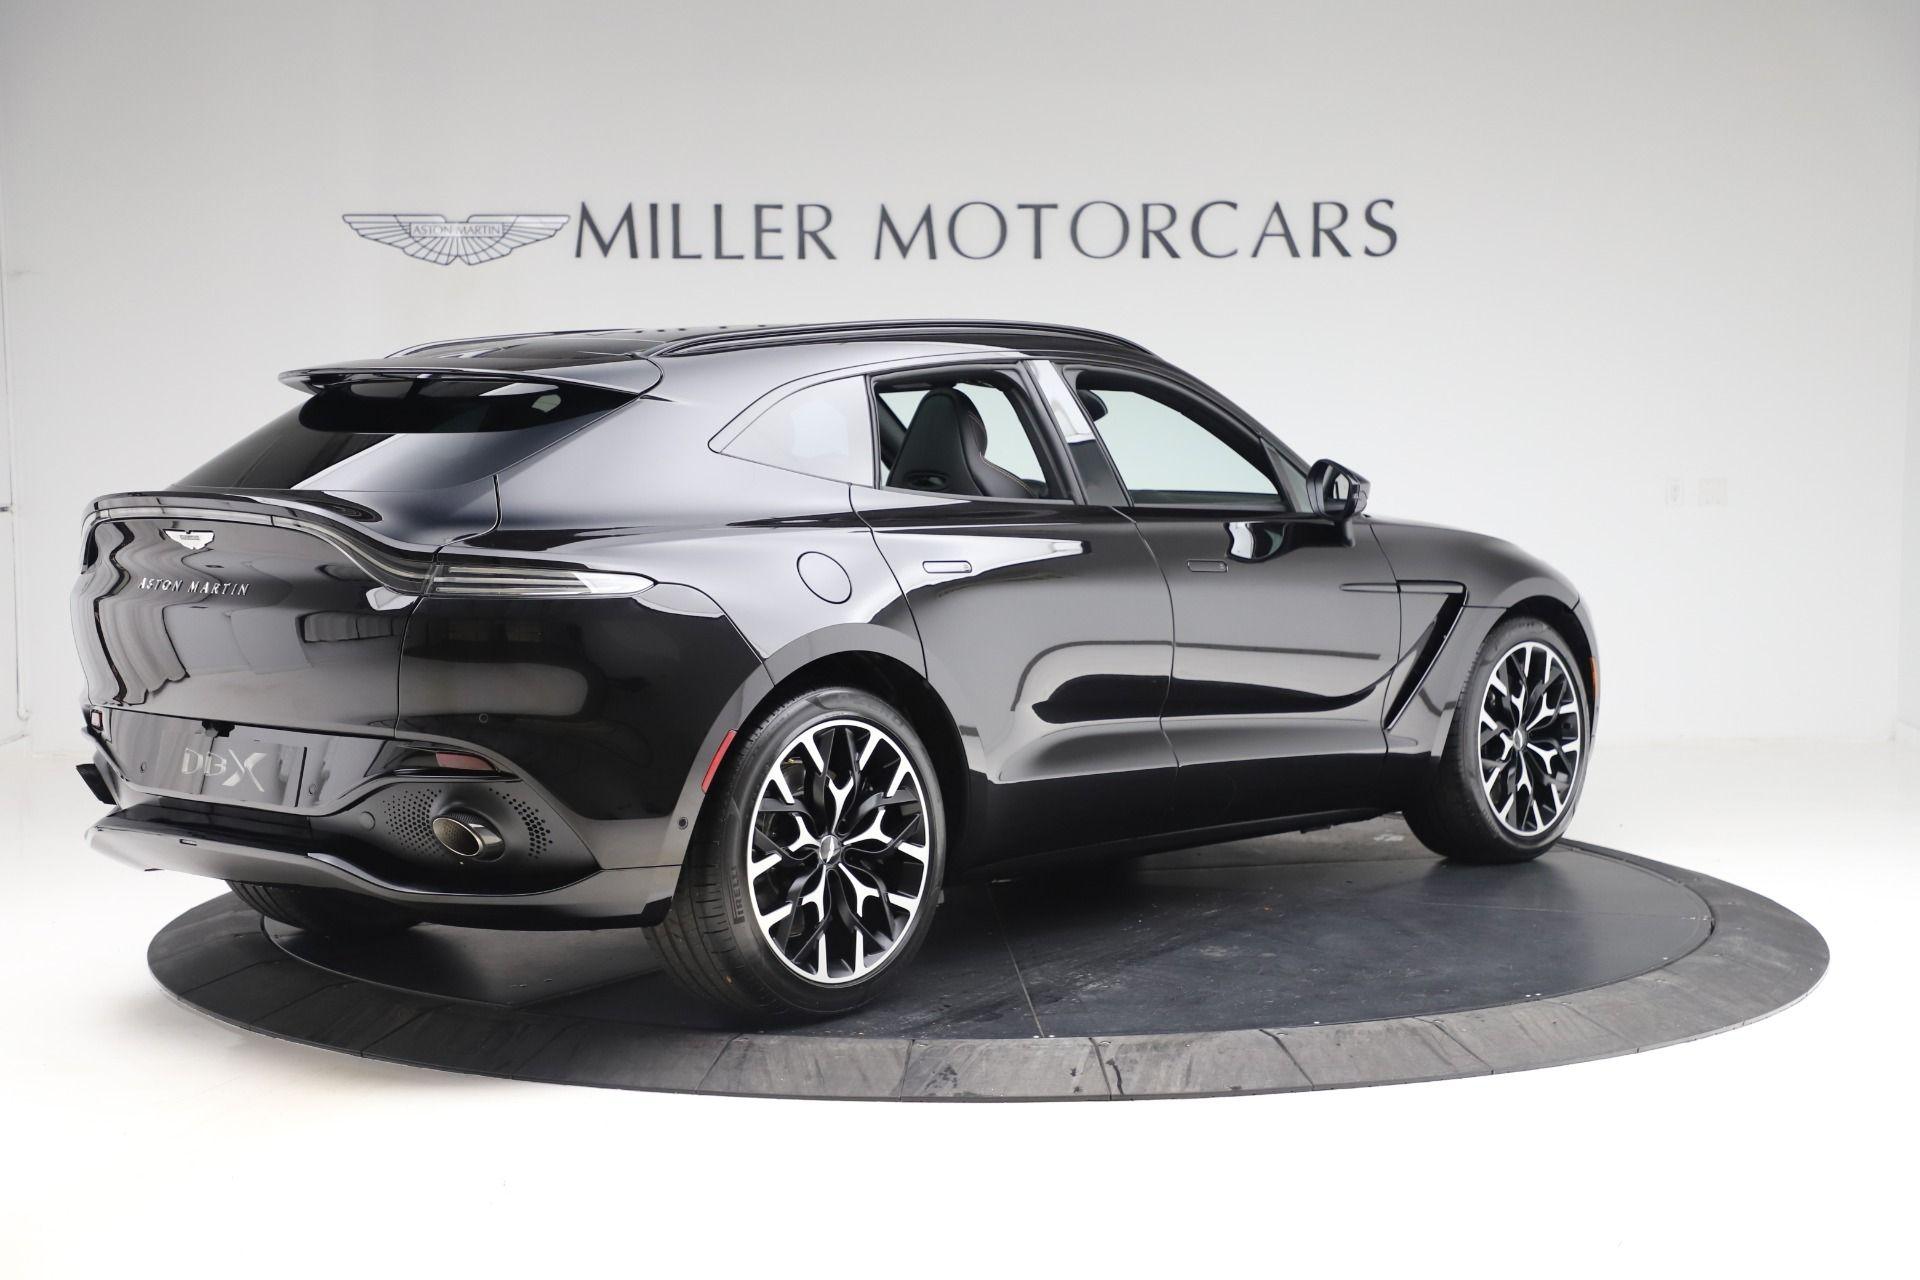 2020 Aston Martin Dbx Suv Miller Motorcars United States For Sale On Luxurypulse Aston Martin Aston Luxury Suv